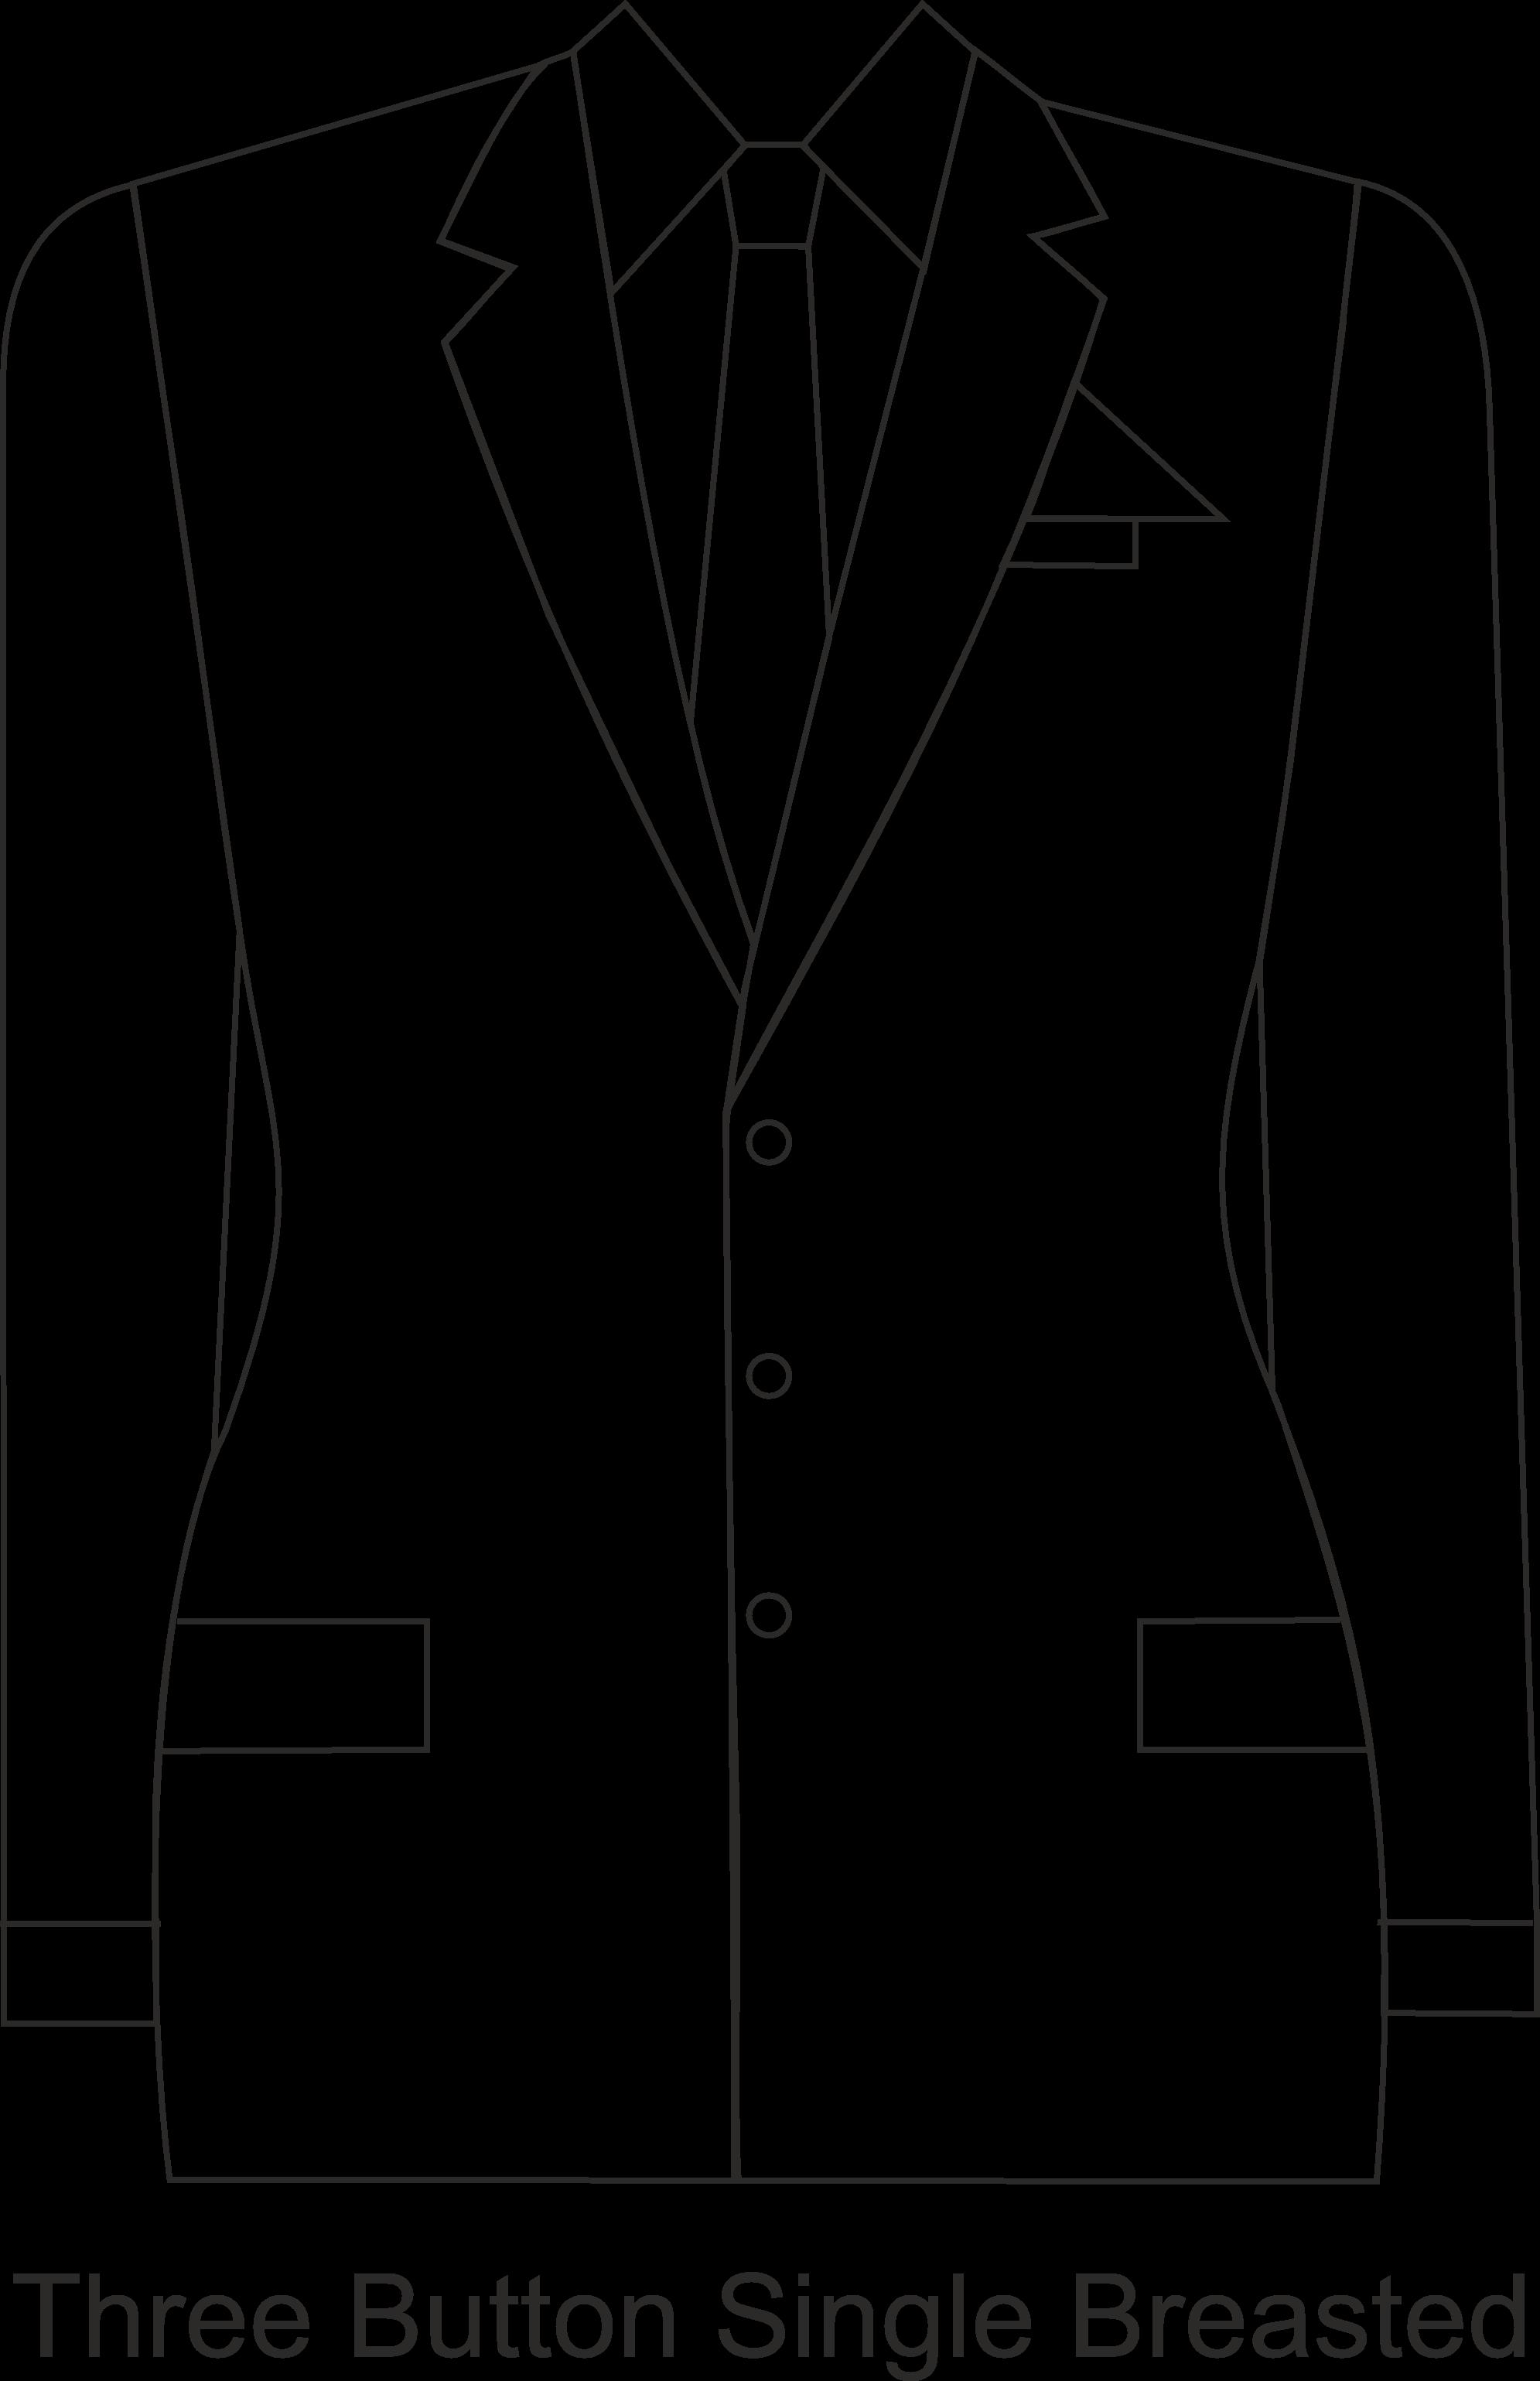 jacket-3bsb